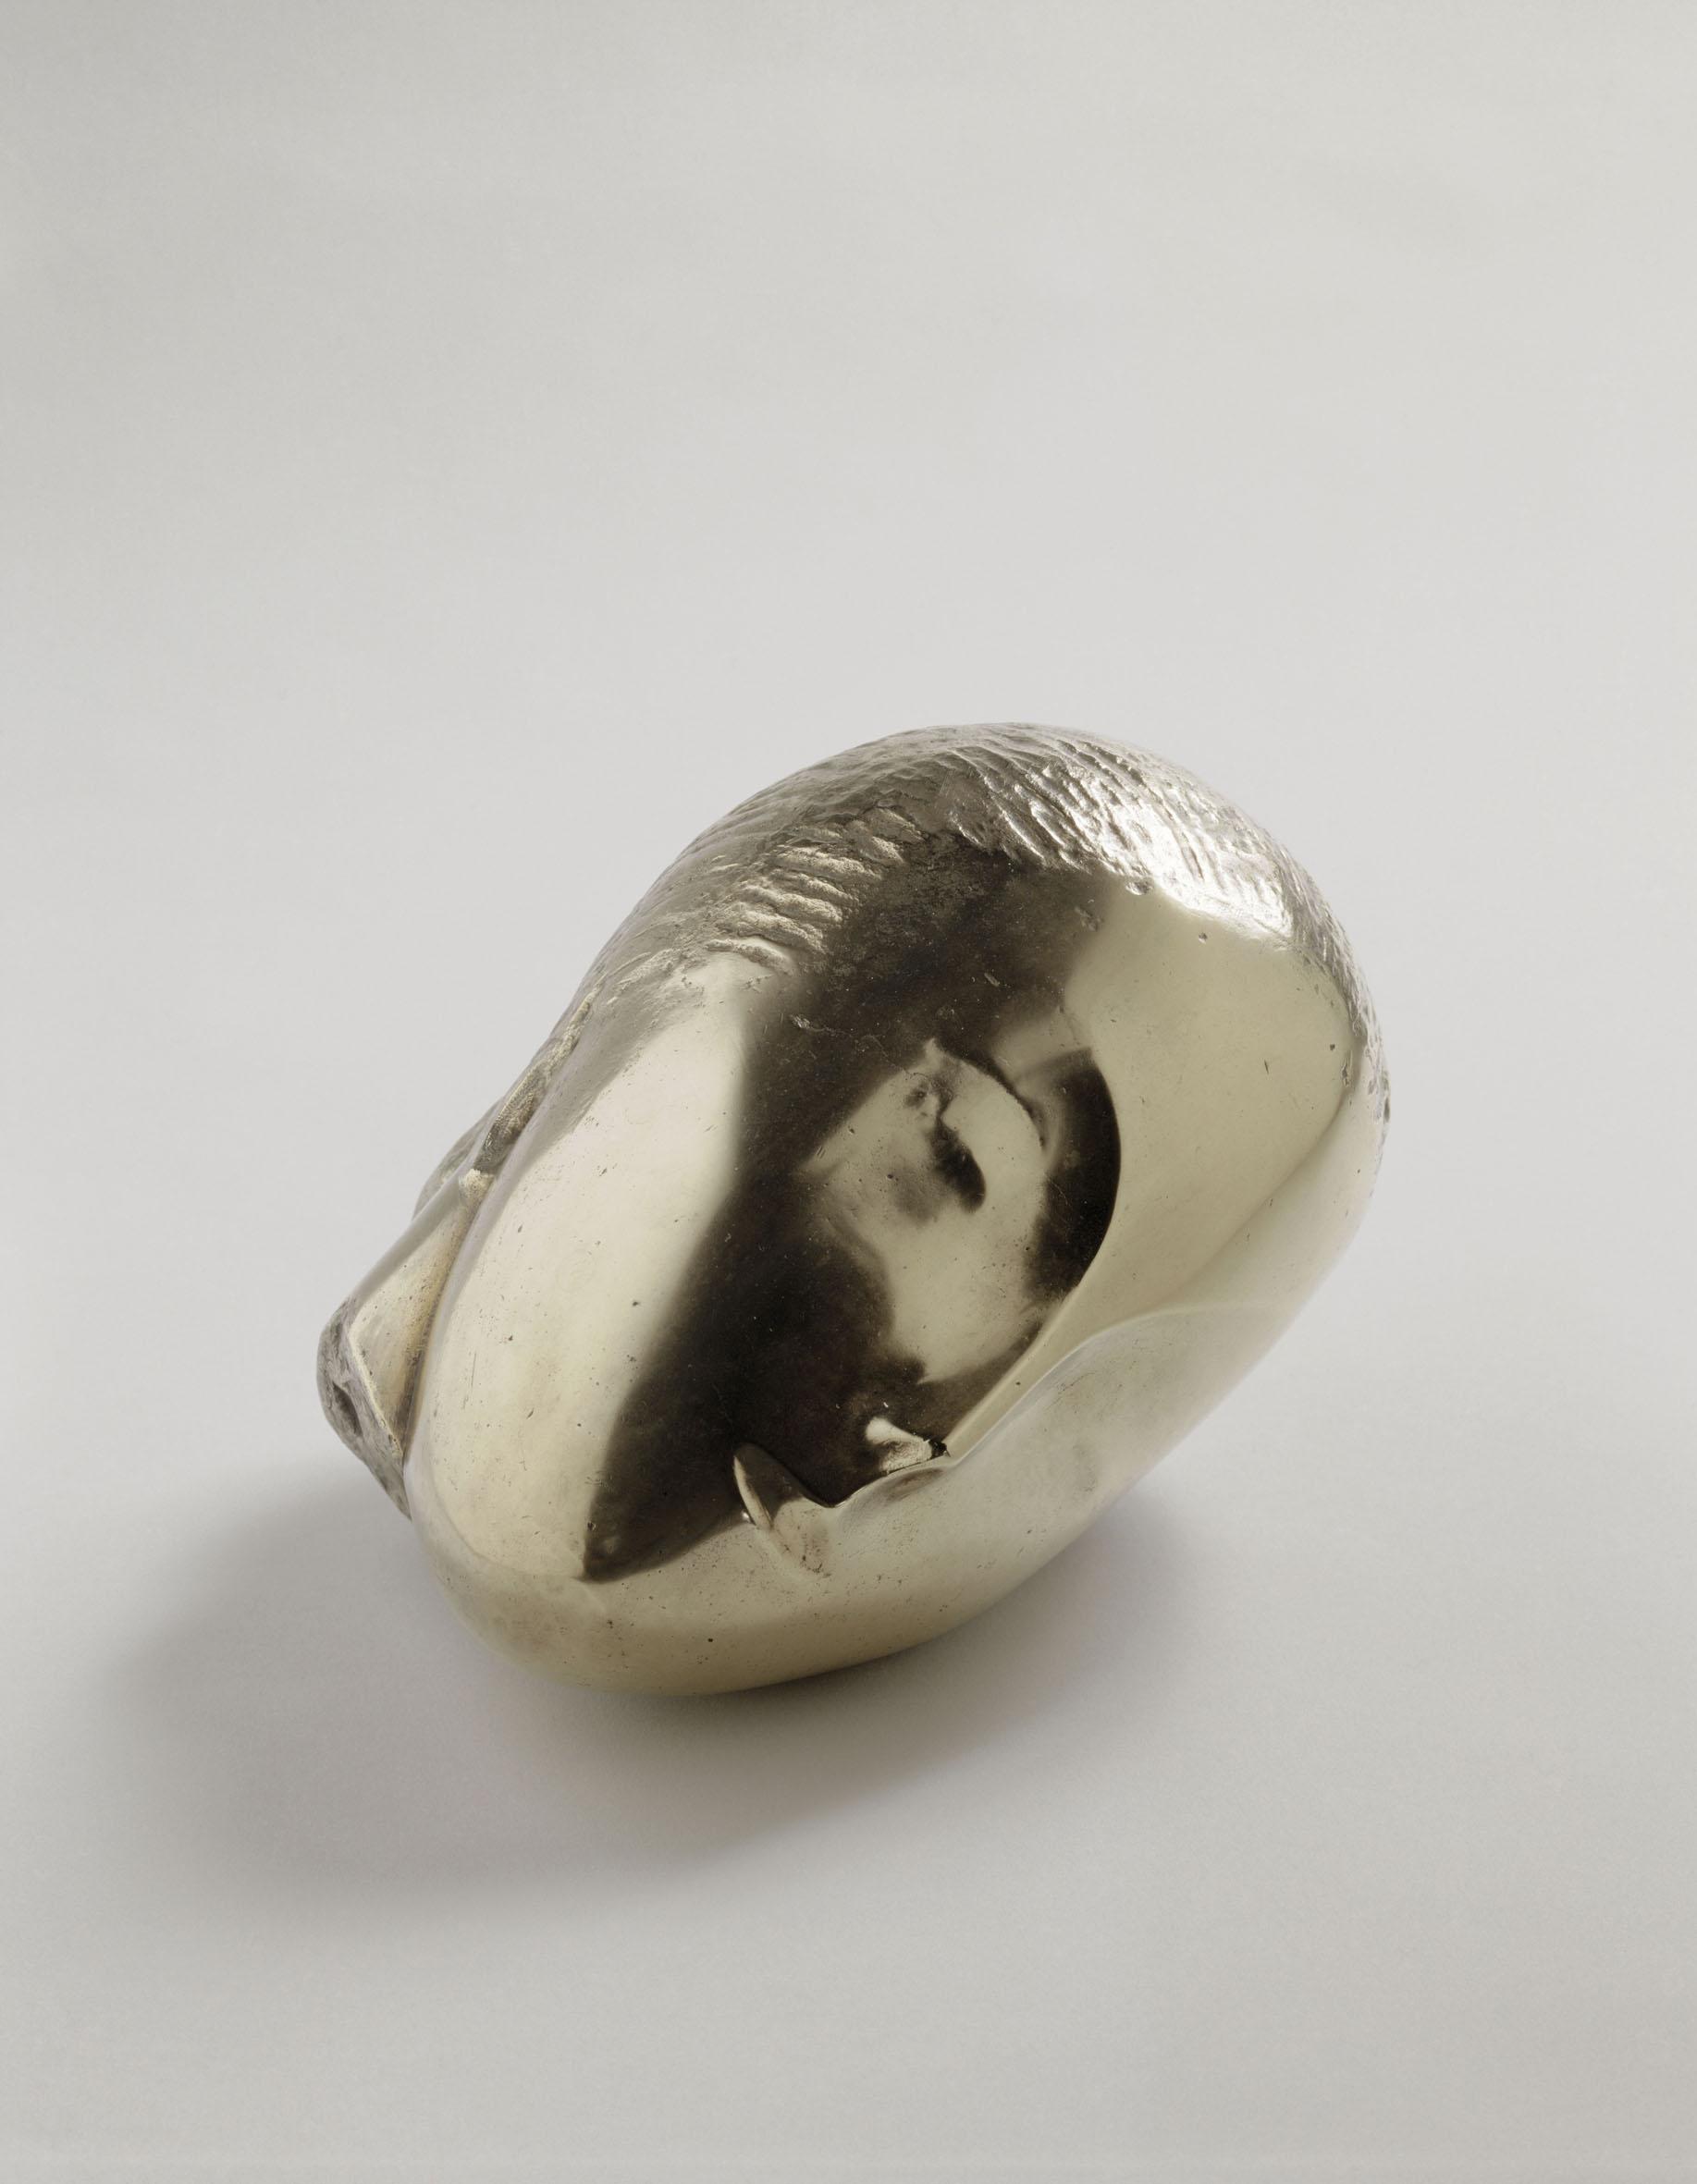 Constantin Brancusi, Musa dormiente, 1910, bronzo, cm 16.5x26x18 (AM 818 S) © Centre Pompidou, MNAM-CCI/ Philippe Migeat/ Dist. RMN-GP